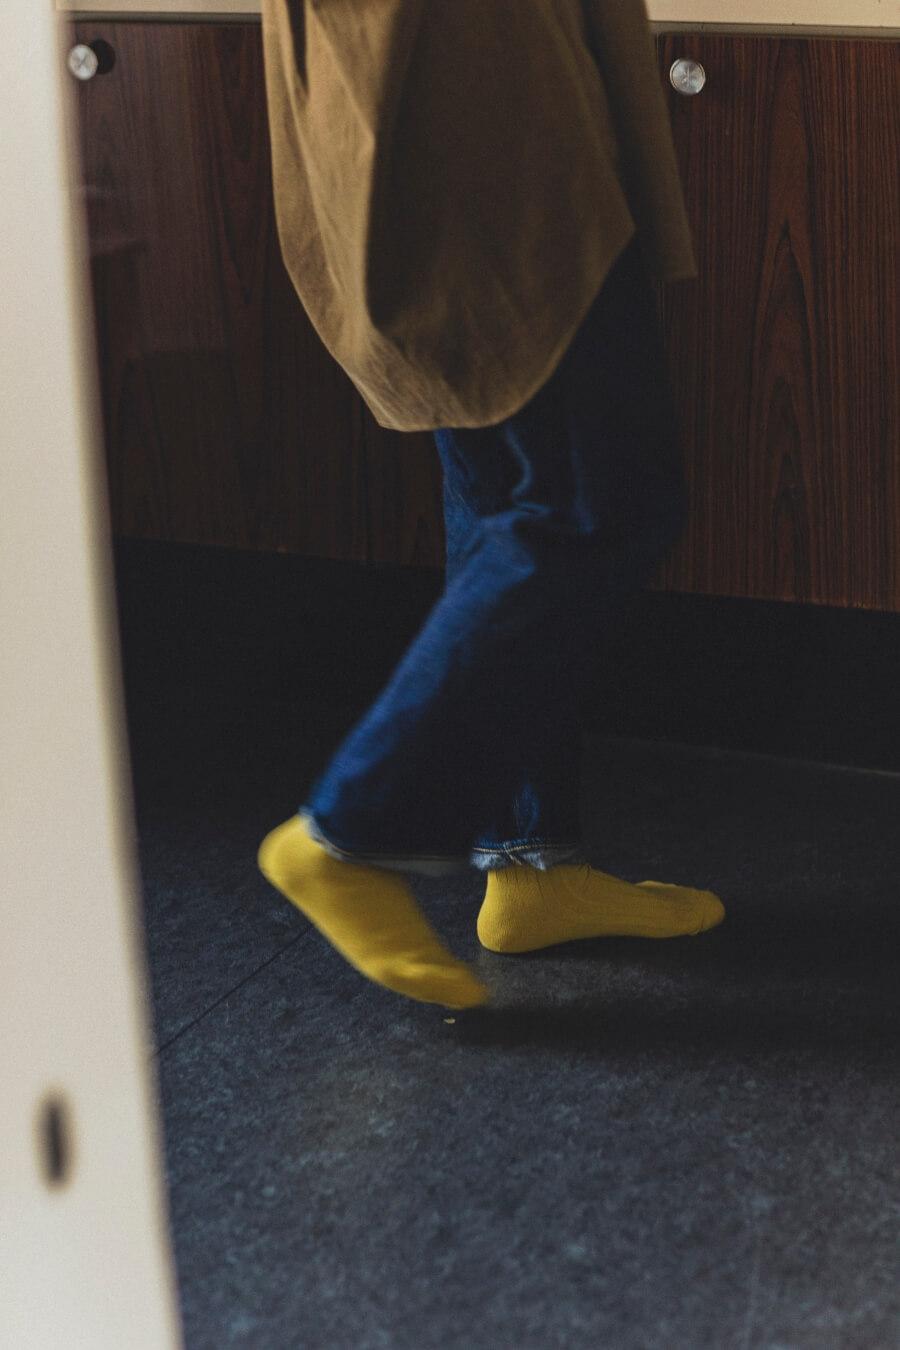 当たりつきギフト専用靴下のLUCKY SOCKS(ラッキーソックス)のLight Rib Socks(ライトリブソックス)のライムイエロー_image2